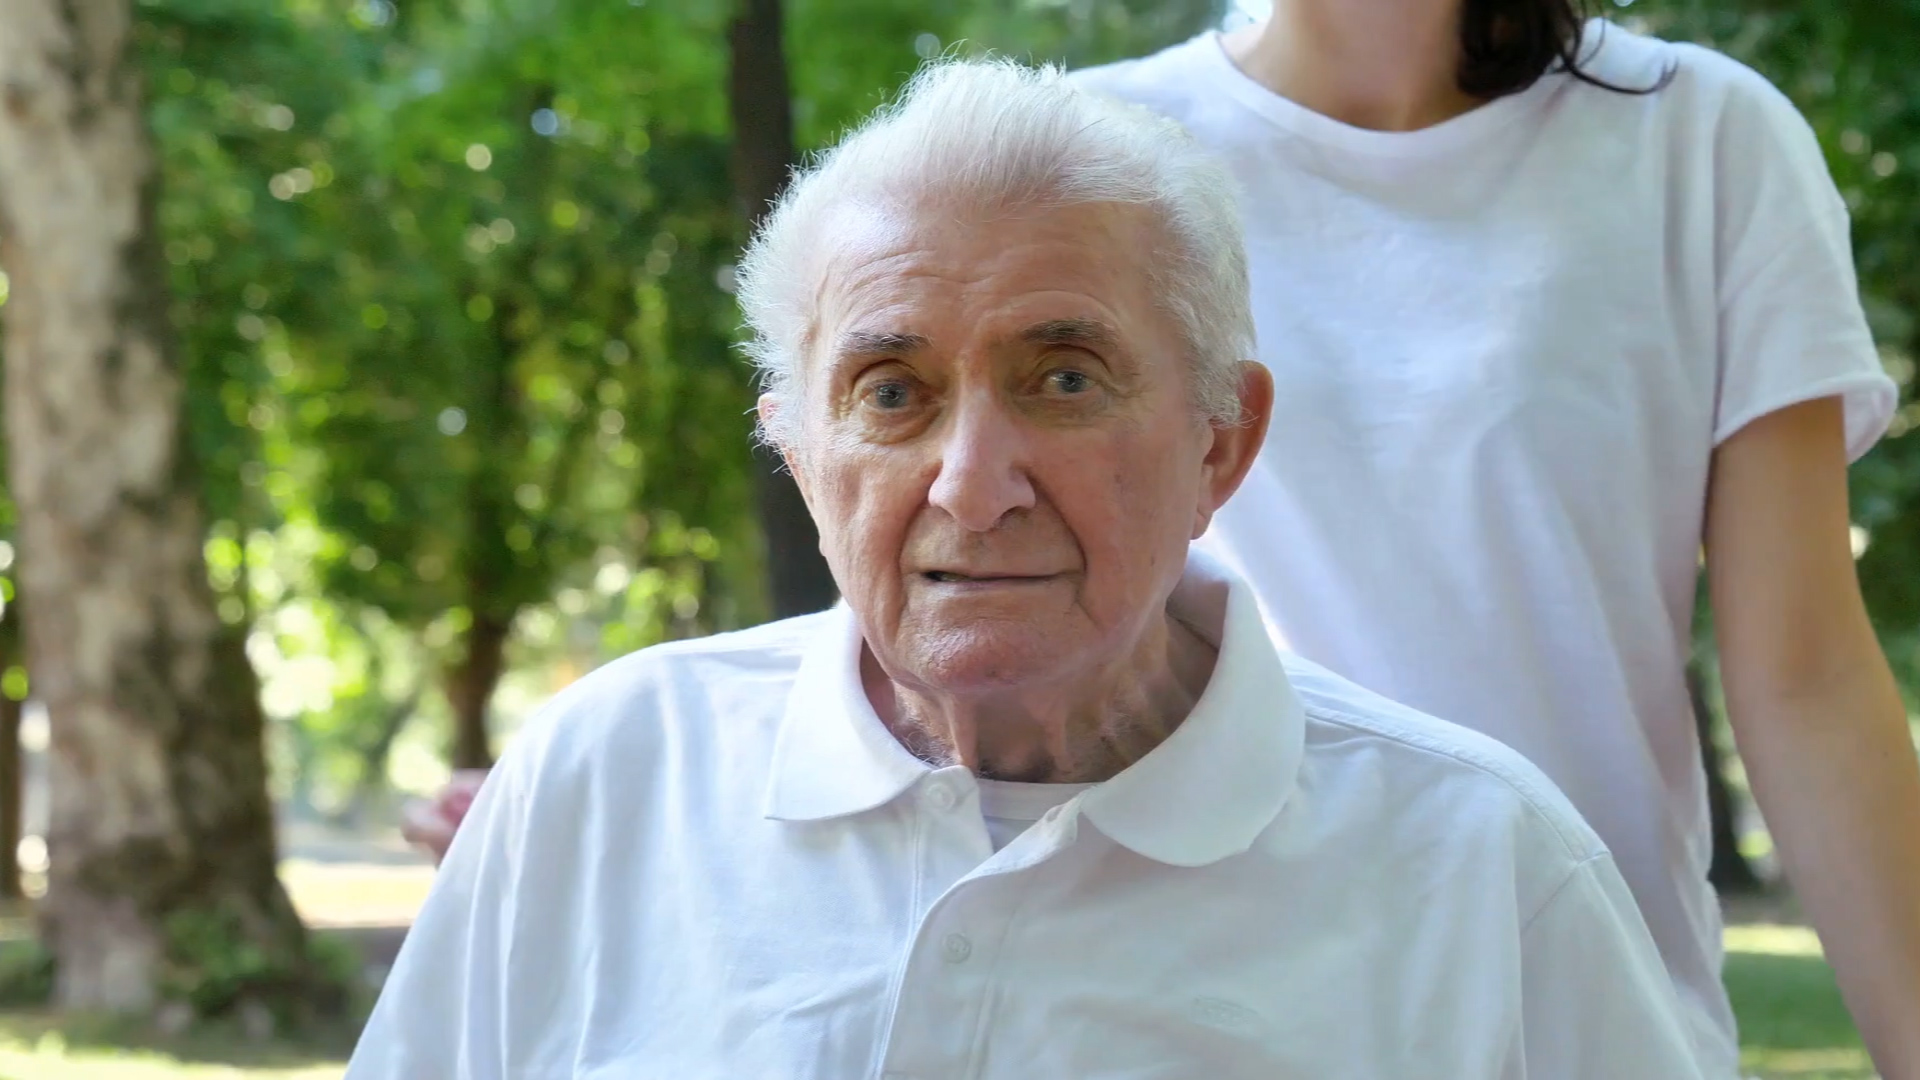 Wczesny objaw choroby Alzheimera